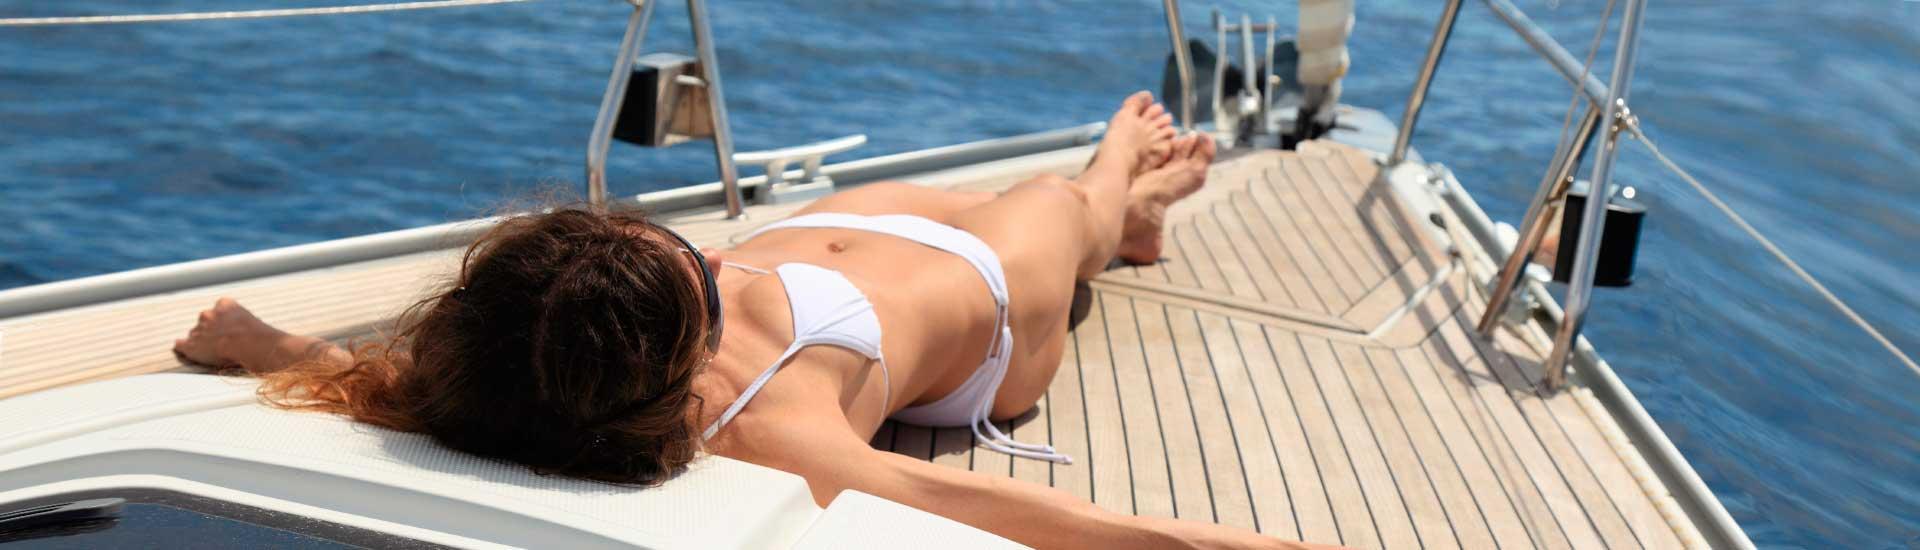 Slap af og nyd sejlads